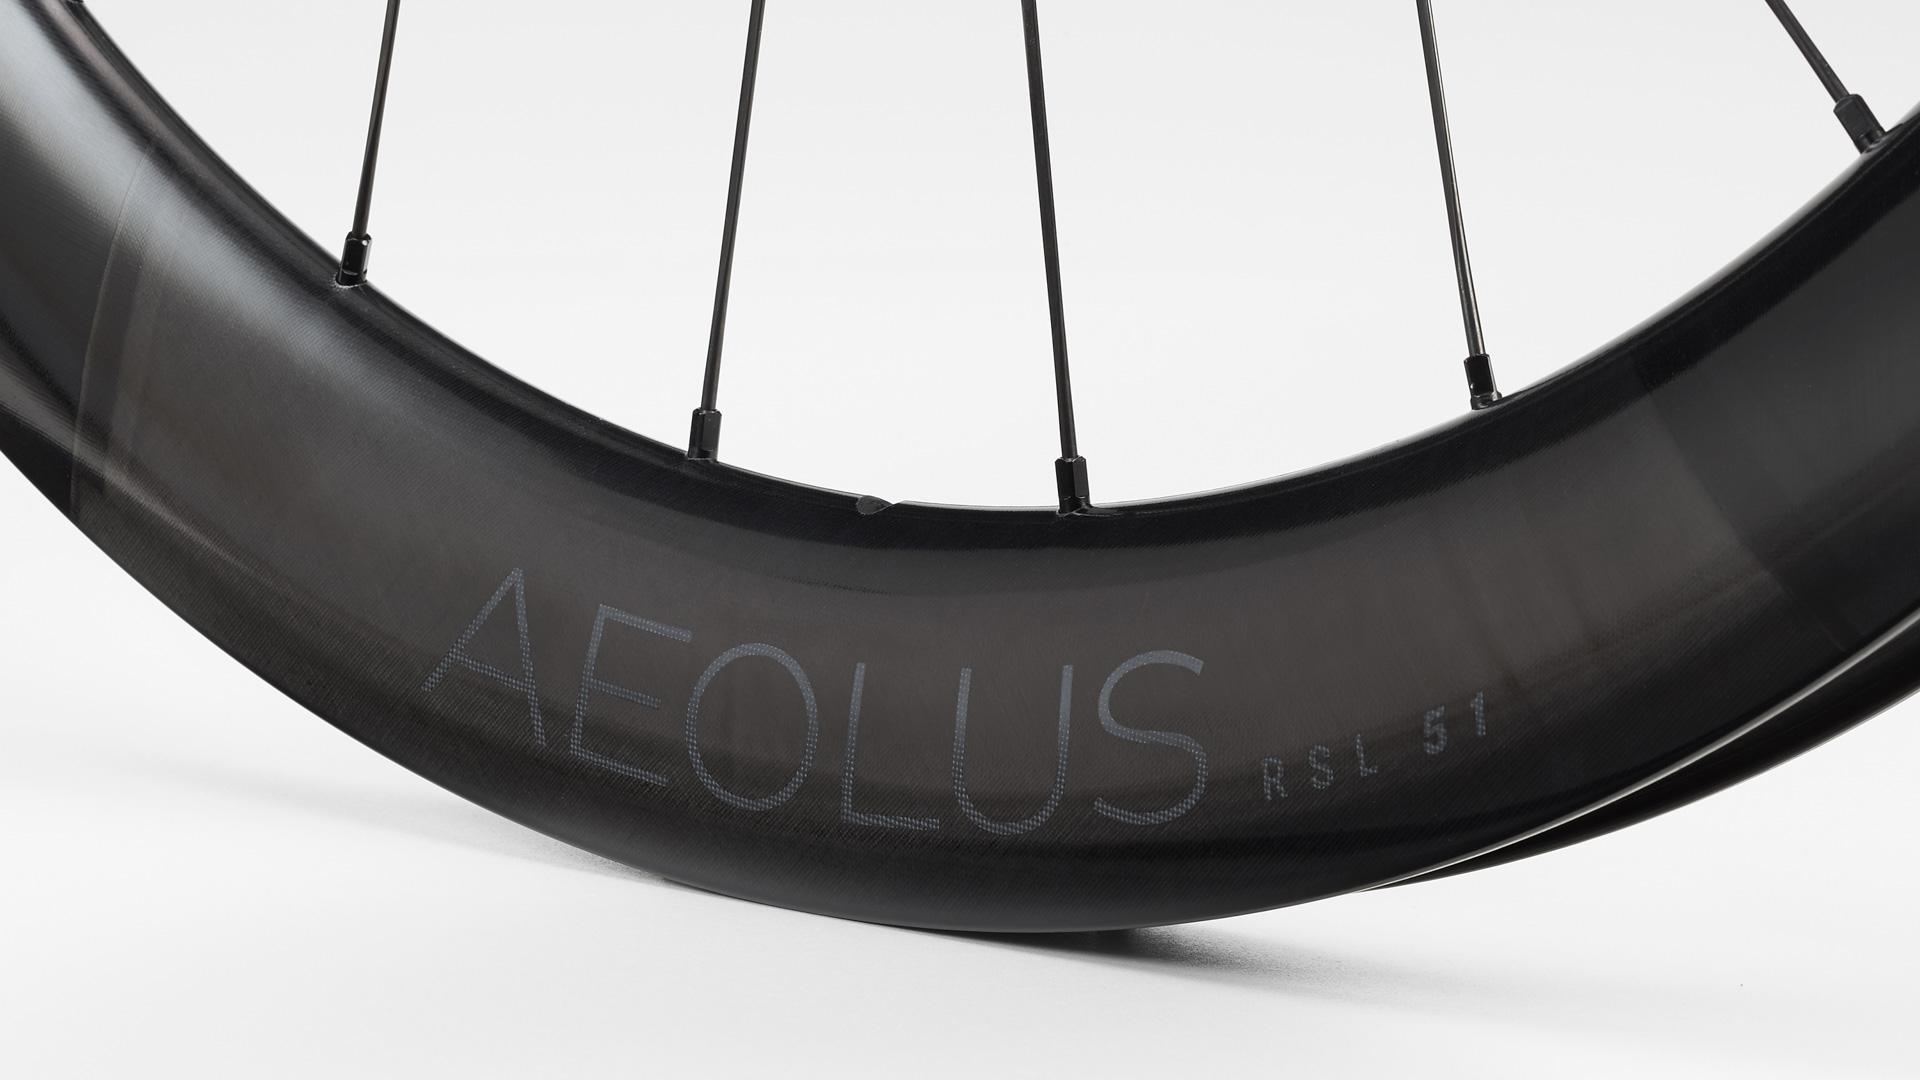 Bontrager annonce la prochaine génération de roues de route aérodynamiques ultra larges Aeolus RSL